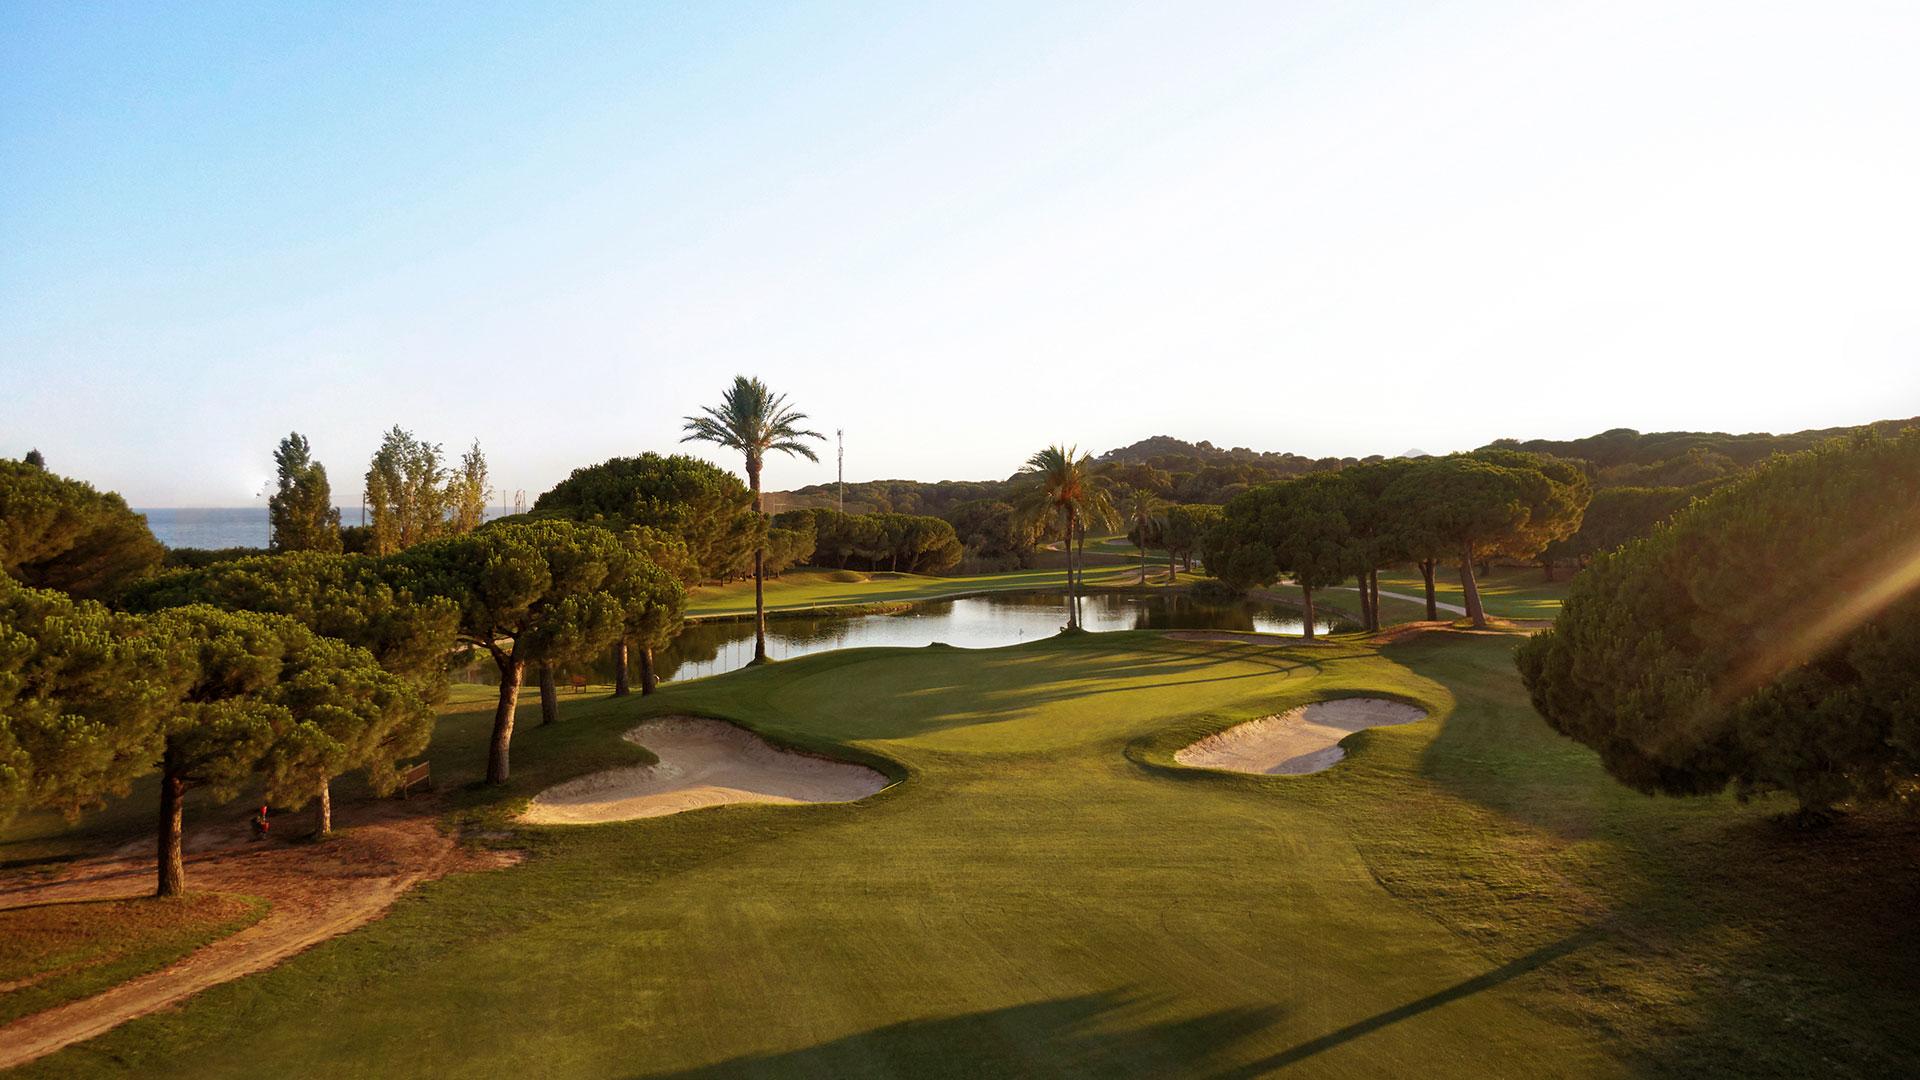 campo de golf llavaneras bunkers lago y mar mediterraneo